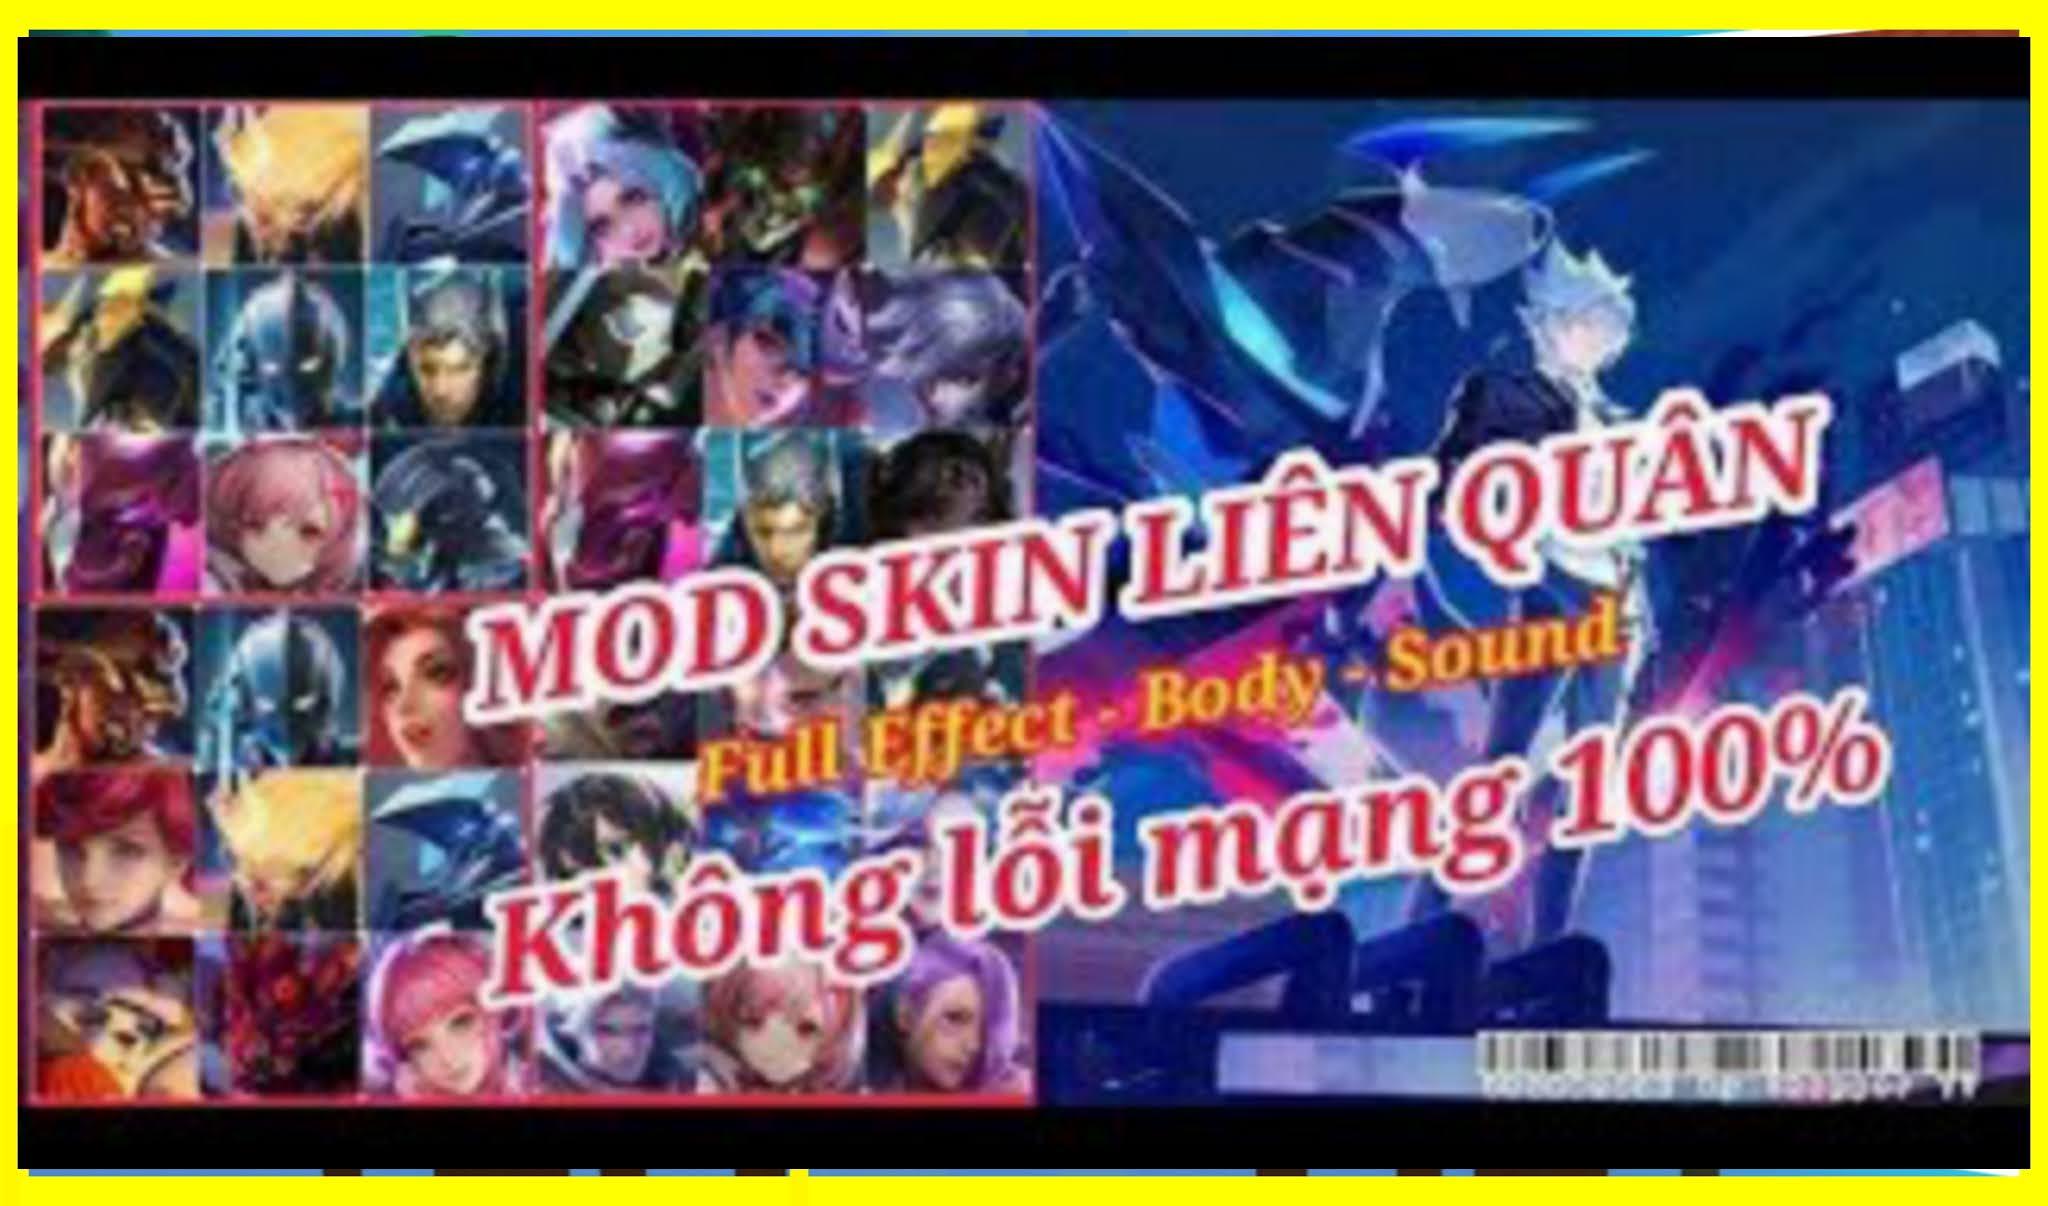 Mod 30 Skin Liên Quân Mùa 19 Full Hiệu Ứng Âm Thanh Không Lỗi Mới Nhất | PLOK Gaming TV